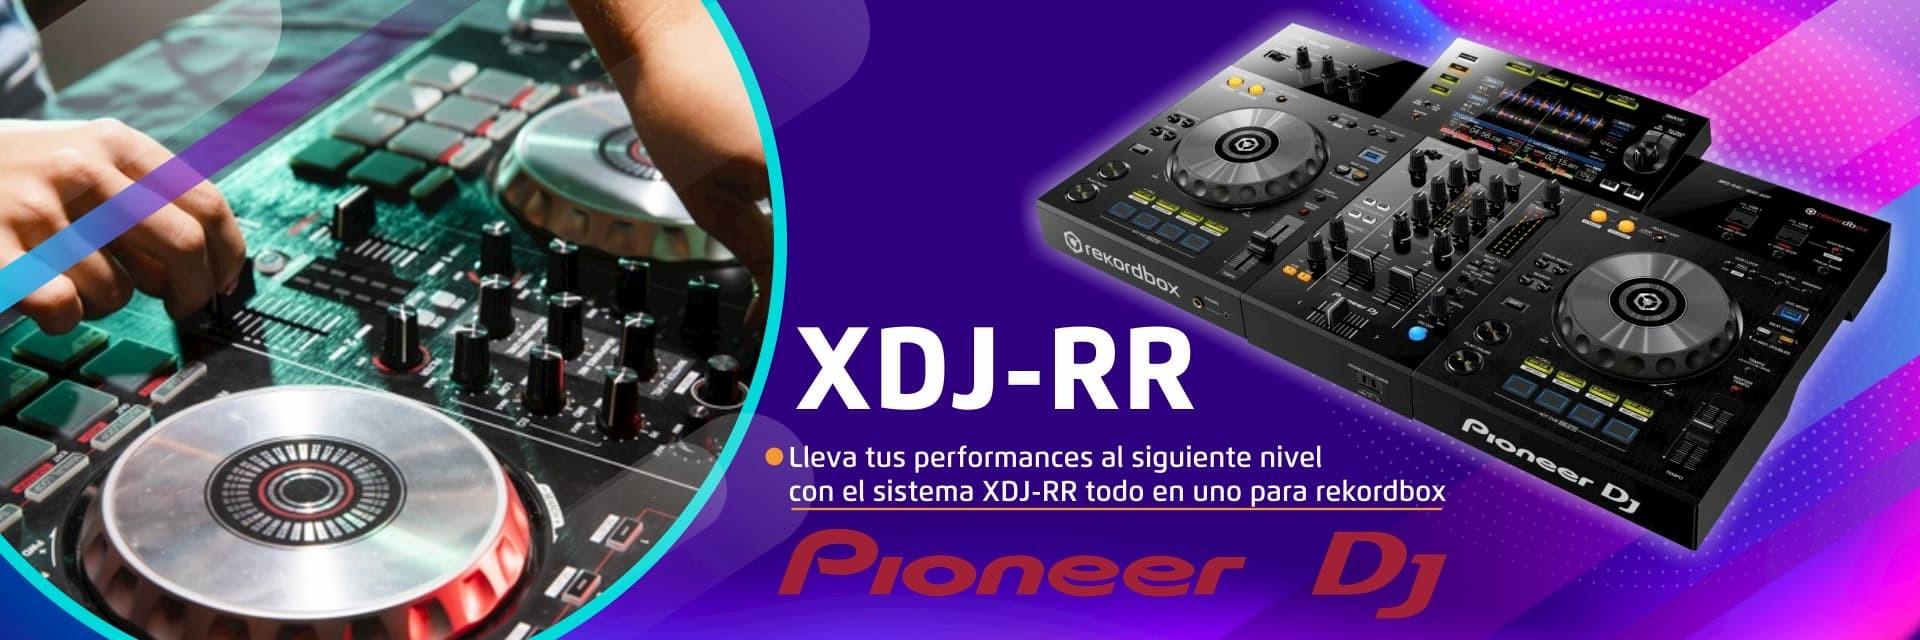 Lleva tus performances al siguiente nivel con el sistema XDJ-RR todo en uno para rokordbox